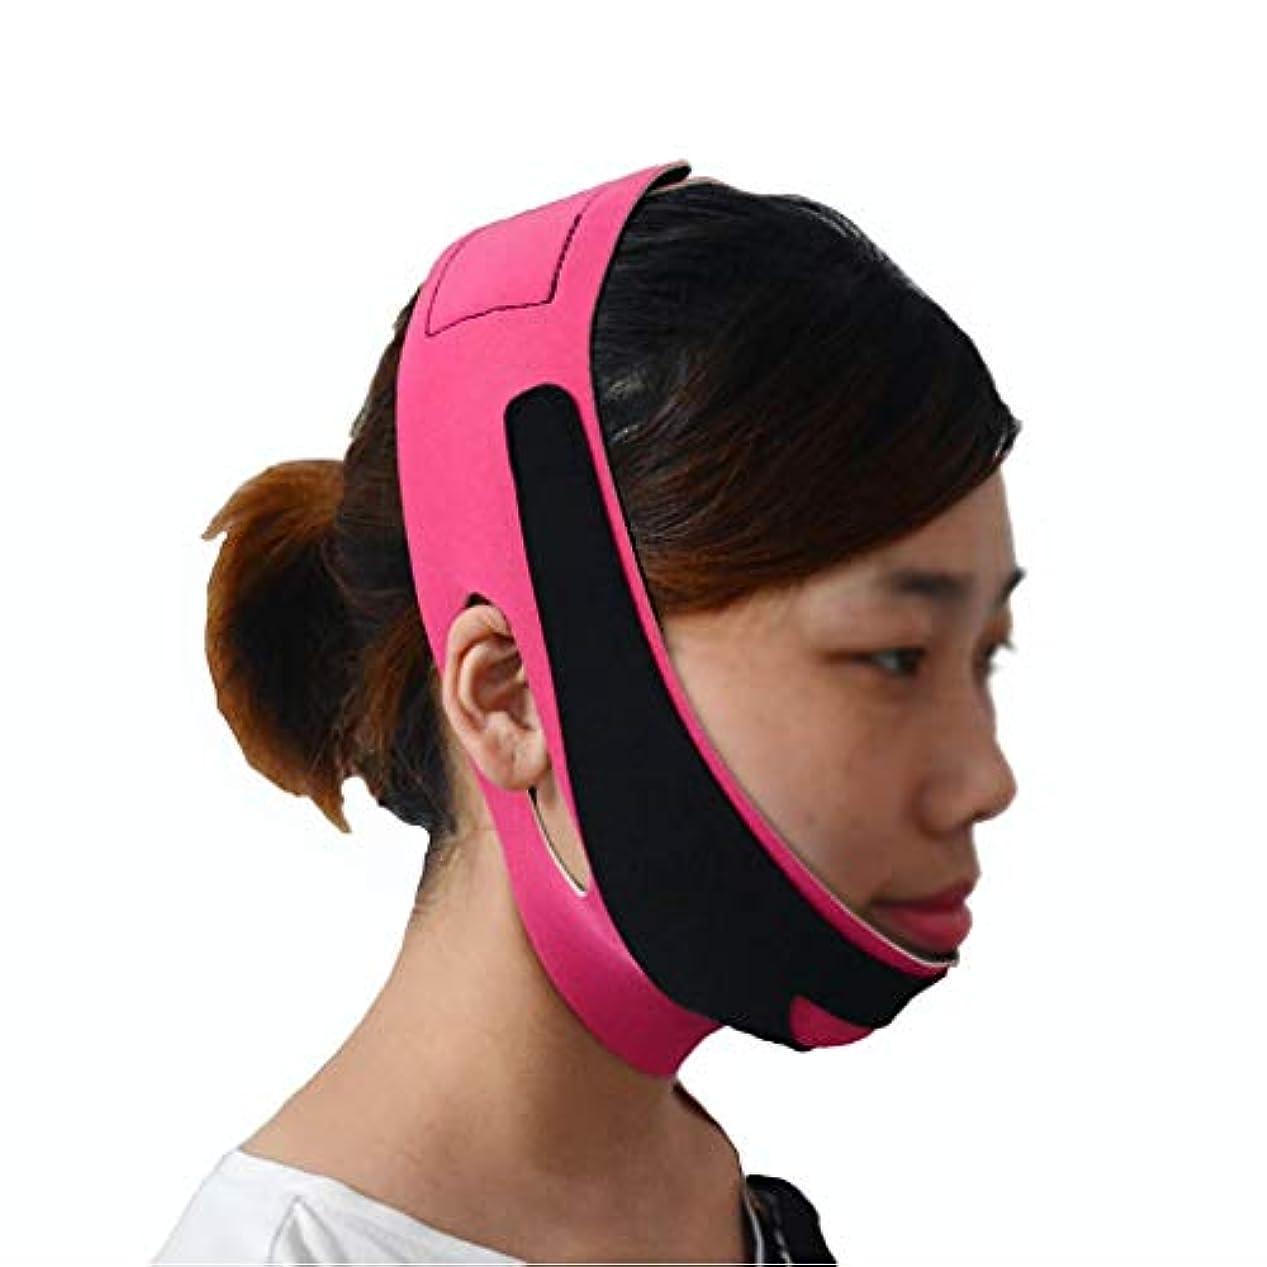 水没判読できない化粧顔面マスク、顔面リフトマスク薄い顔をあごに薄く包帯V顔アーティファクトに直面する